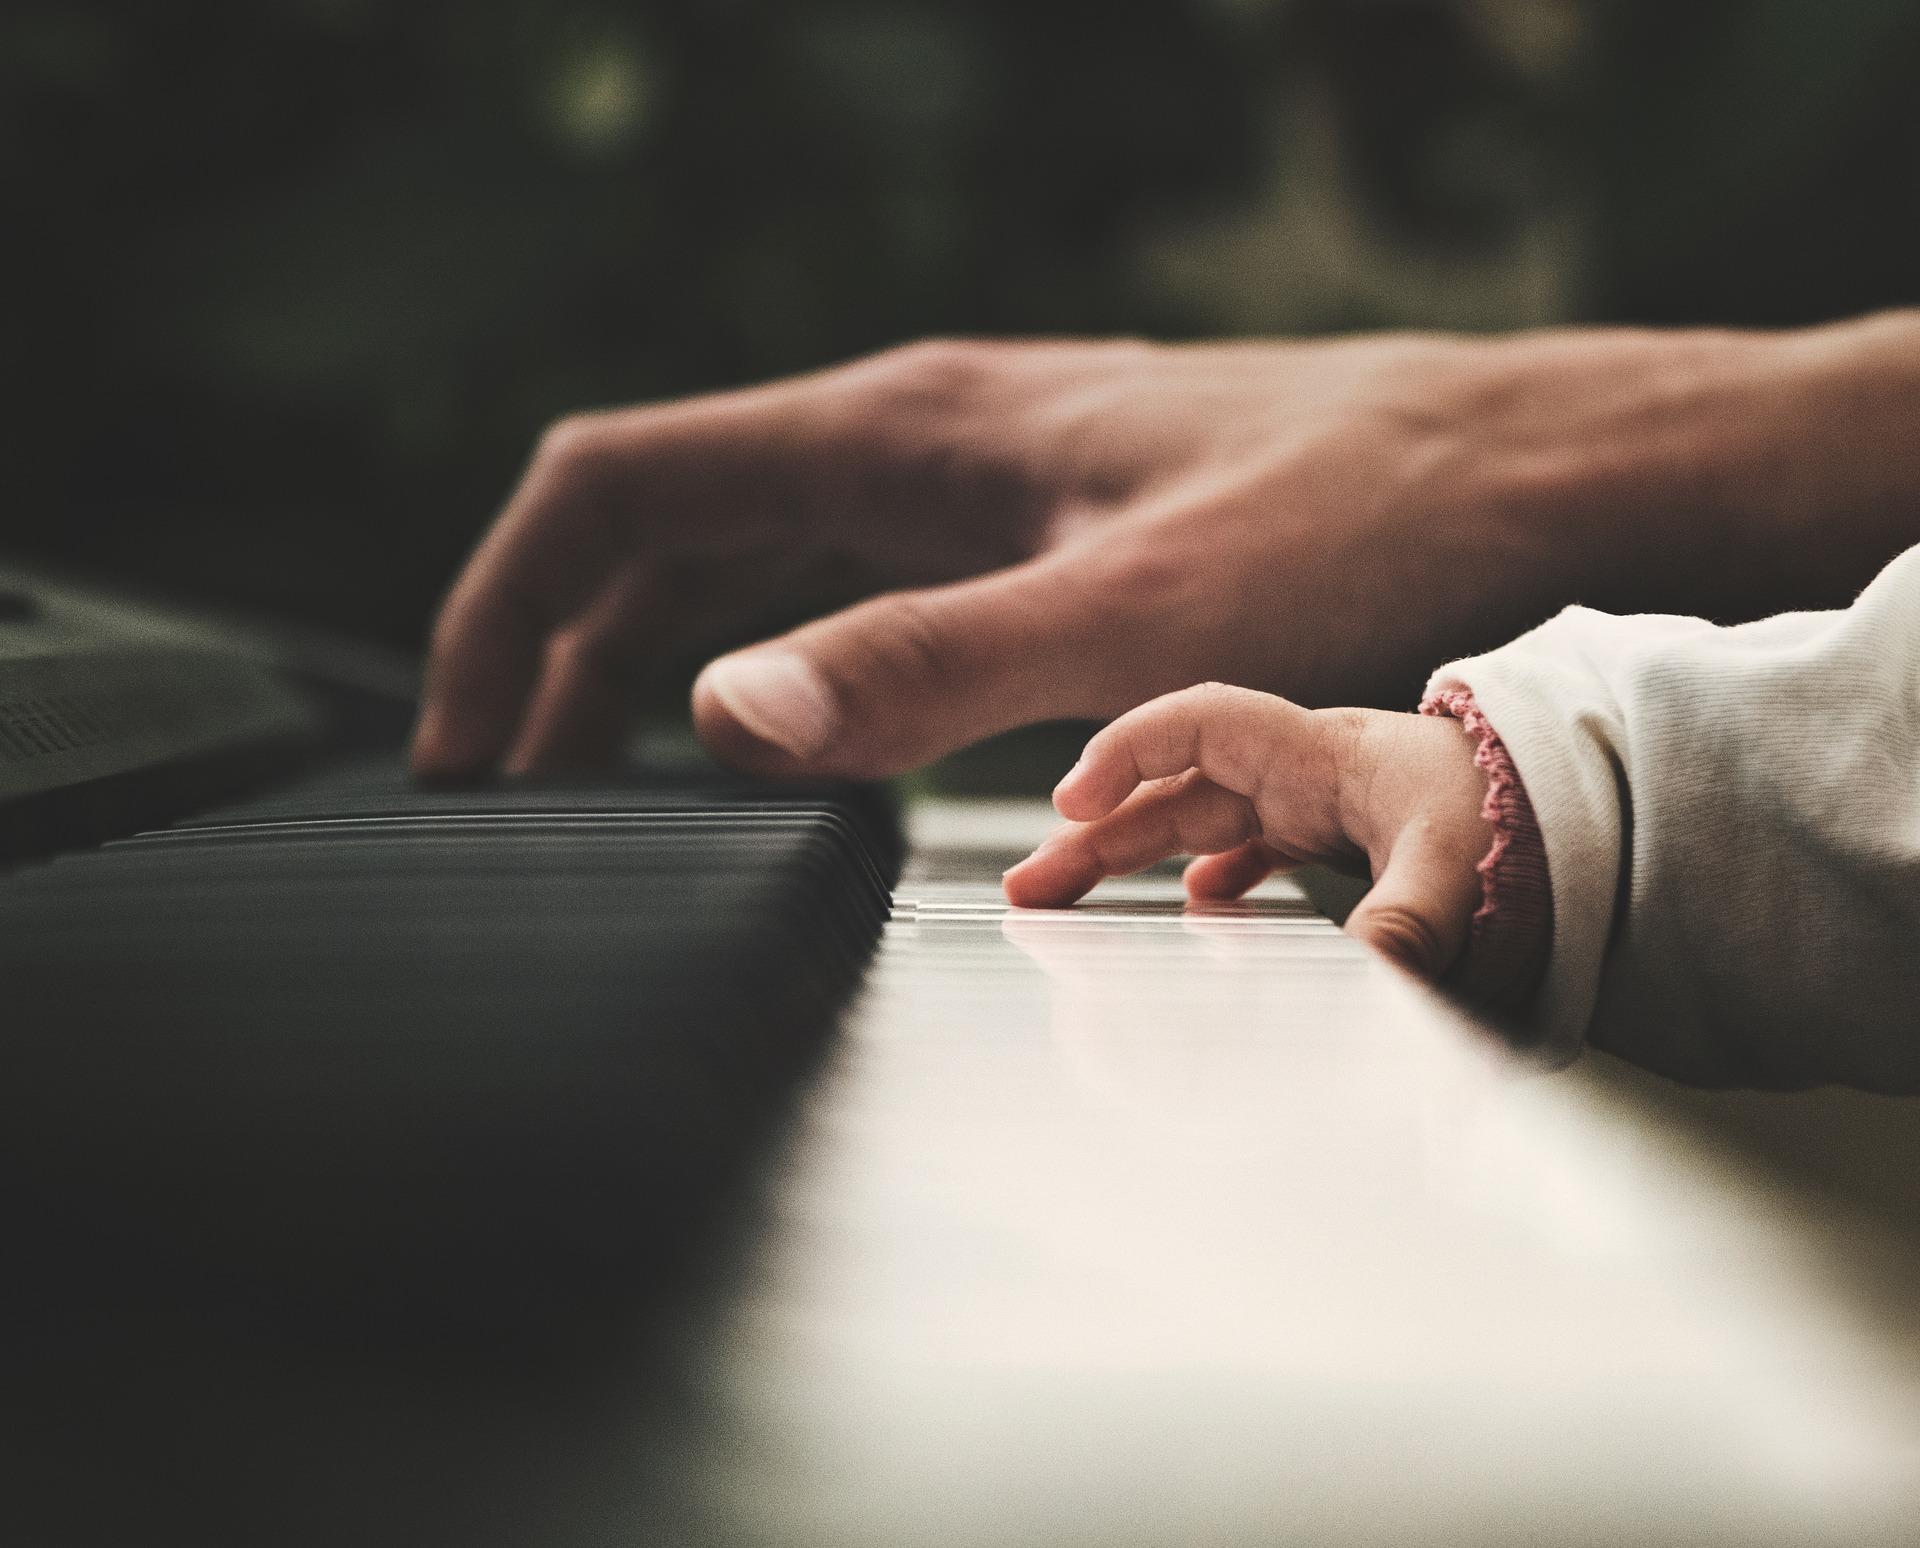 piano-2564908_1920.jpg